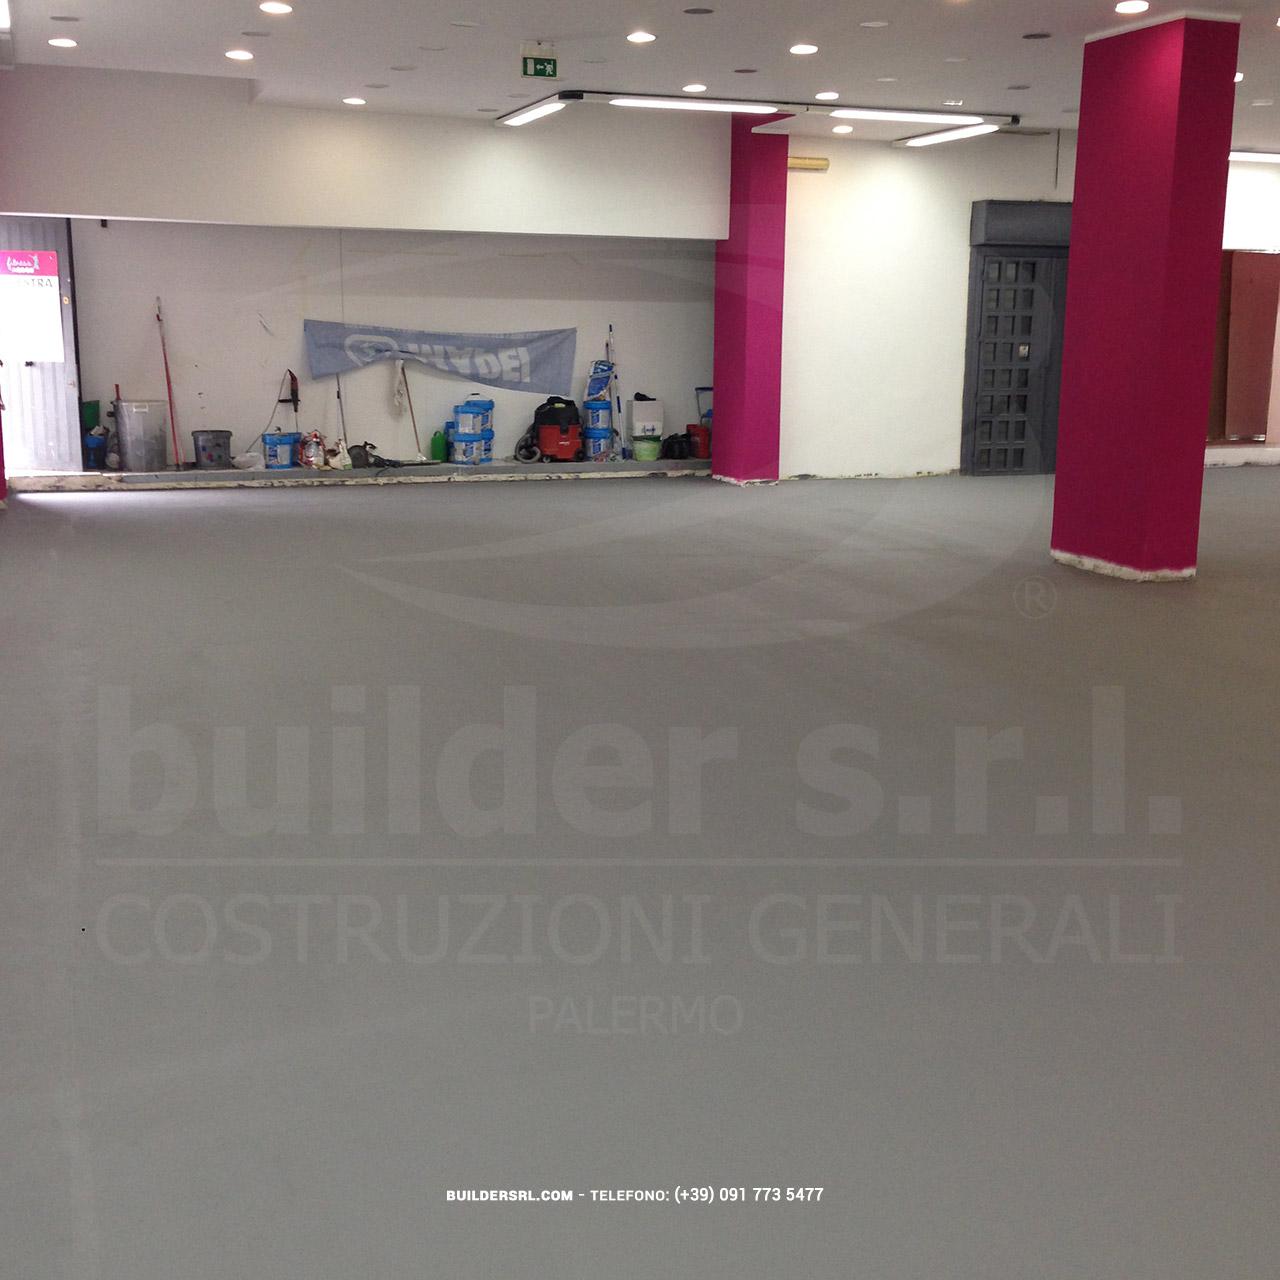 Pavimentazione in resina sportiva completata - da Agogò Fitness.